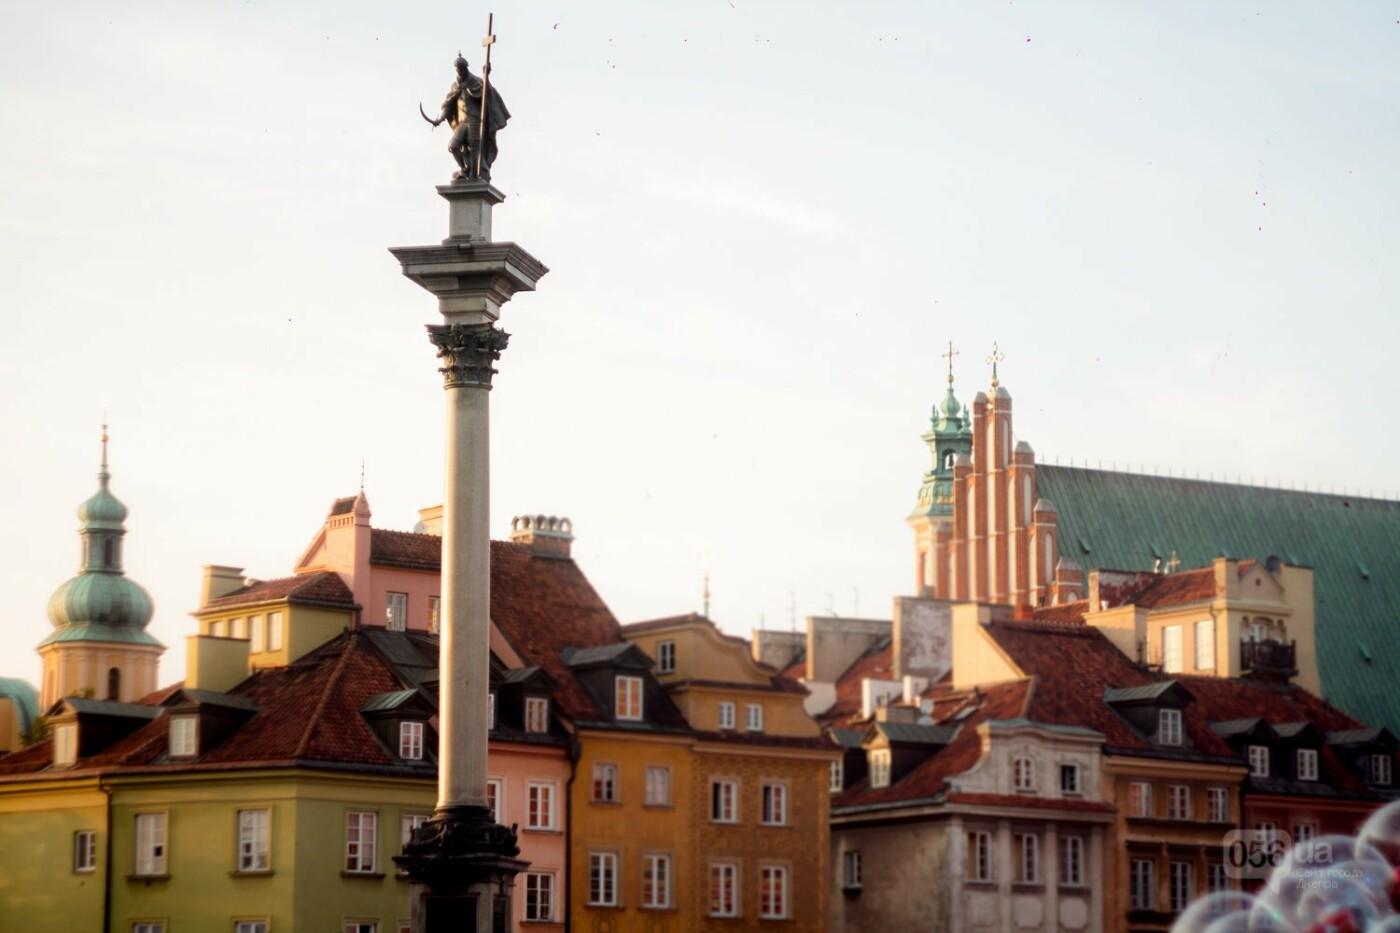 Волшебный Старый город, огромный зоопарк и сад на крыше: где жить, что есть и куда ходить в Варшаве, - ФОТО, фото-7